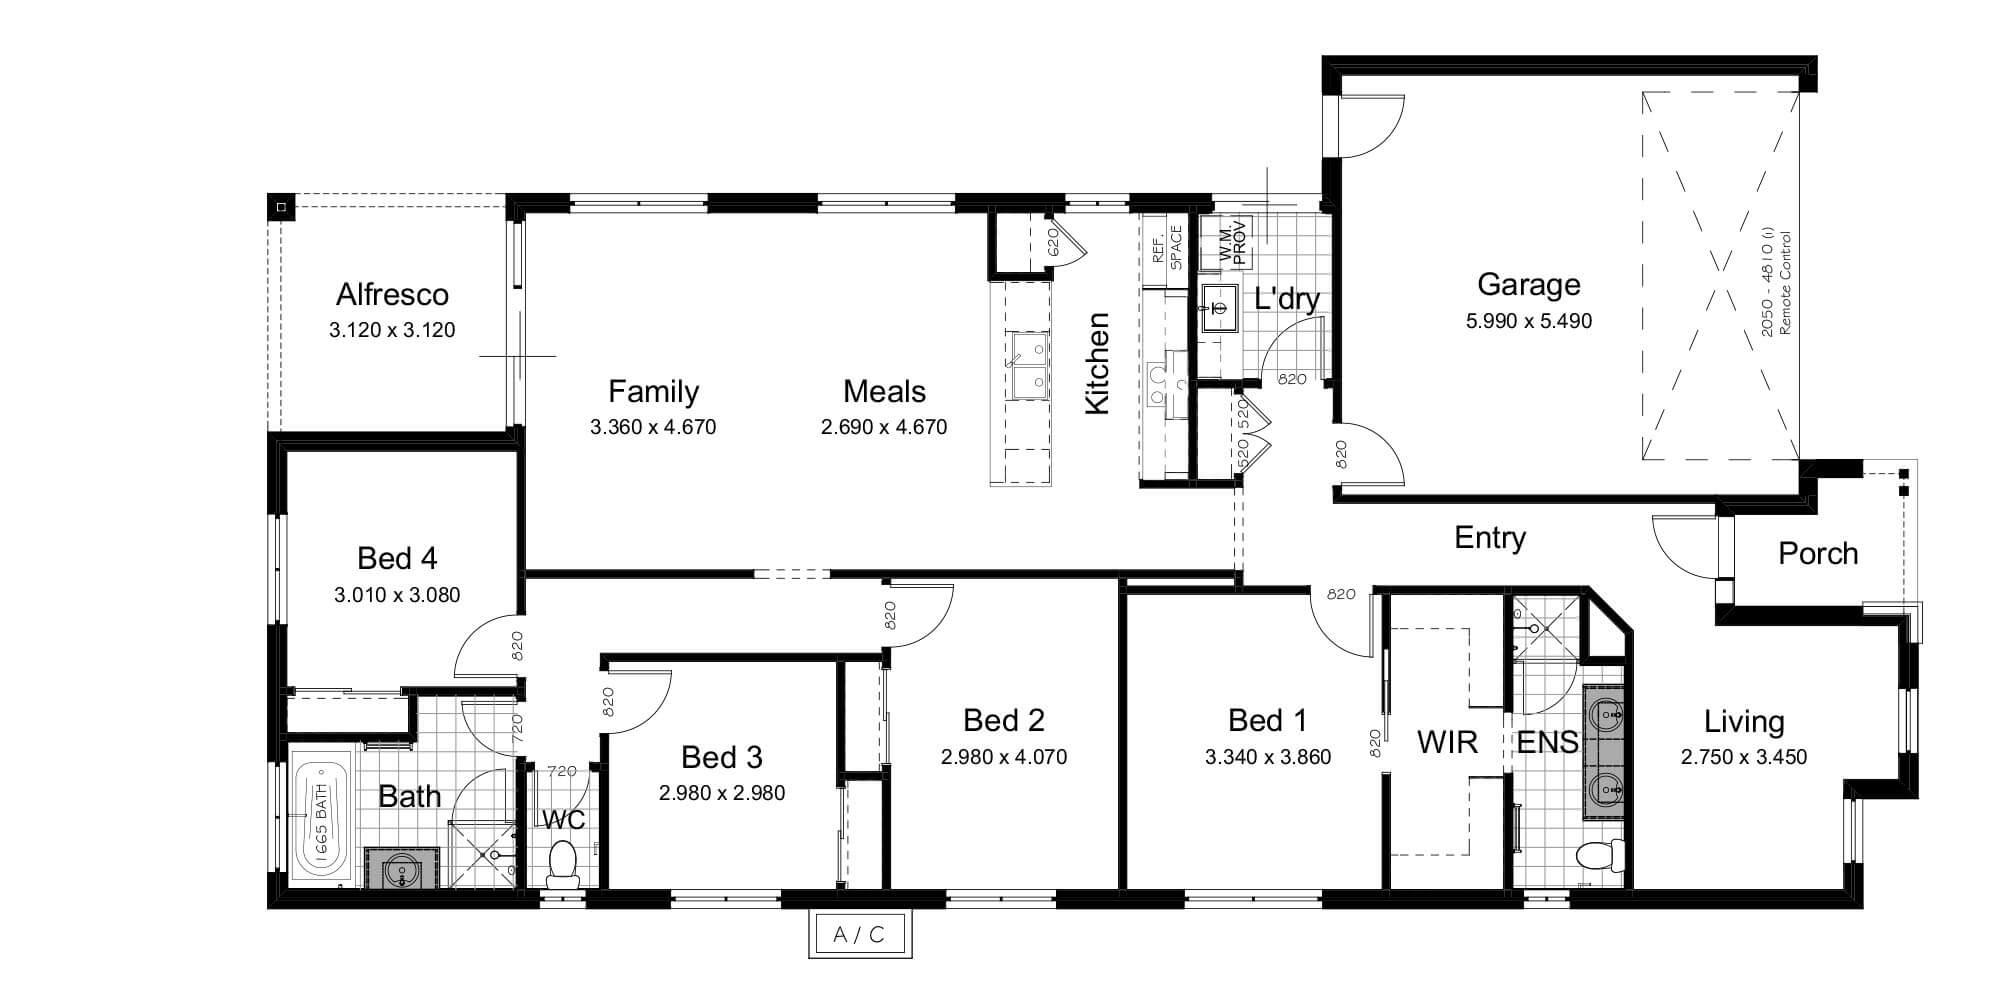 Lot 6 floorplan